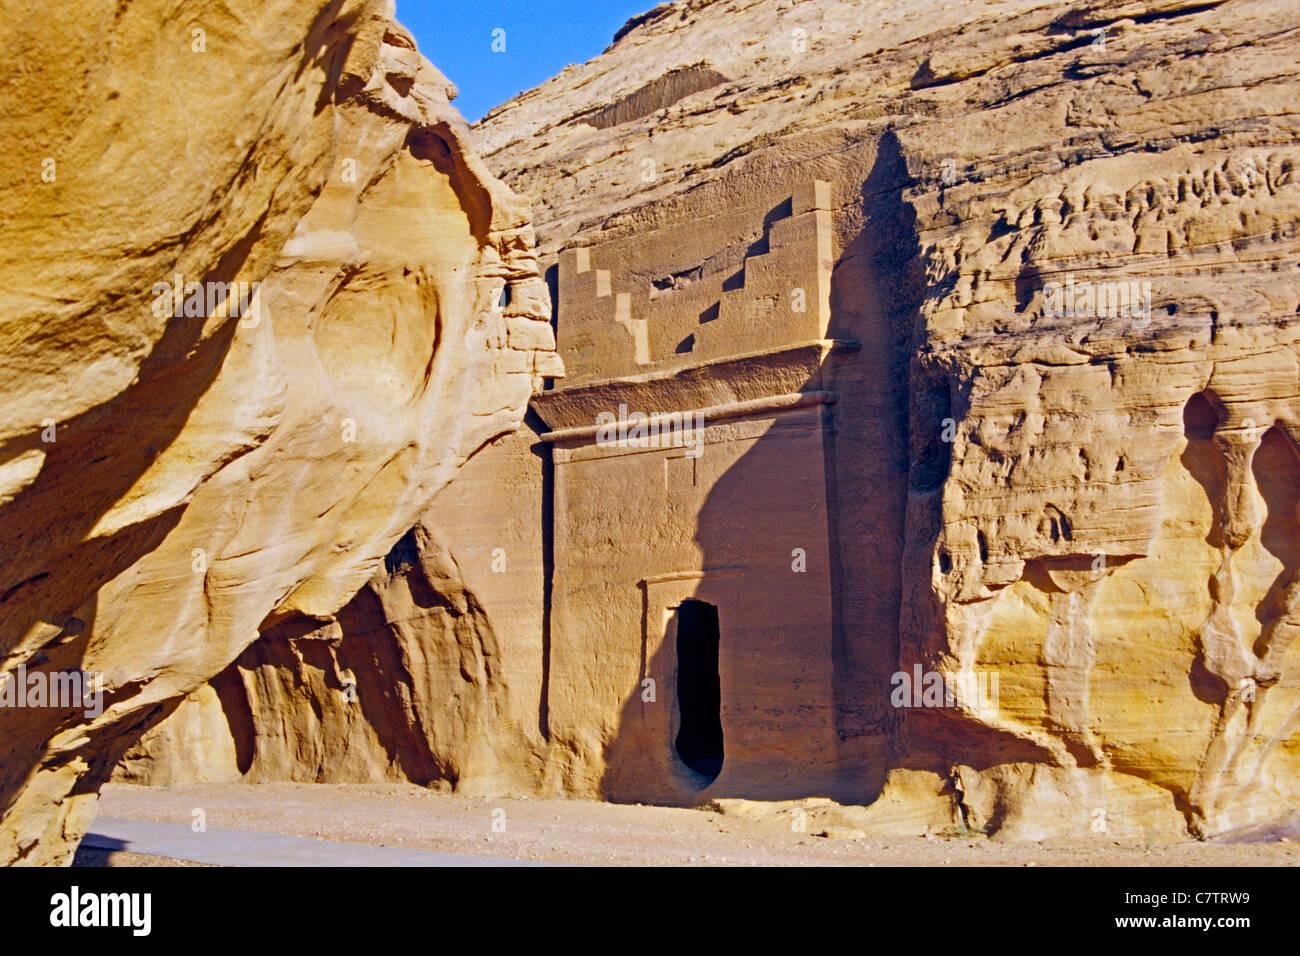 Saudi Arabia, Dedan necropolis - Stock Image